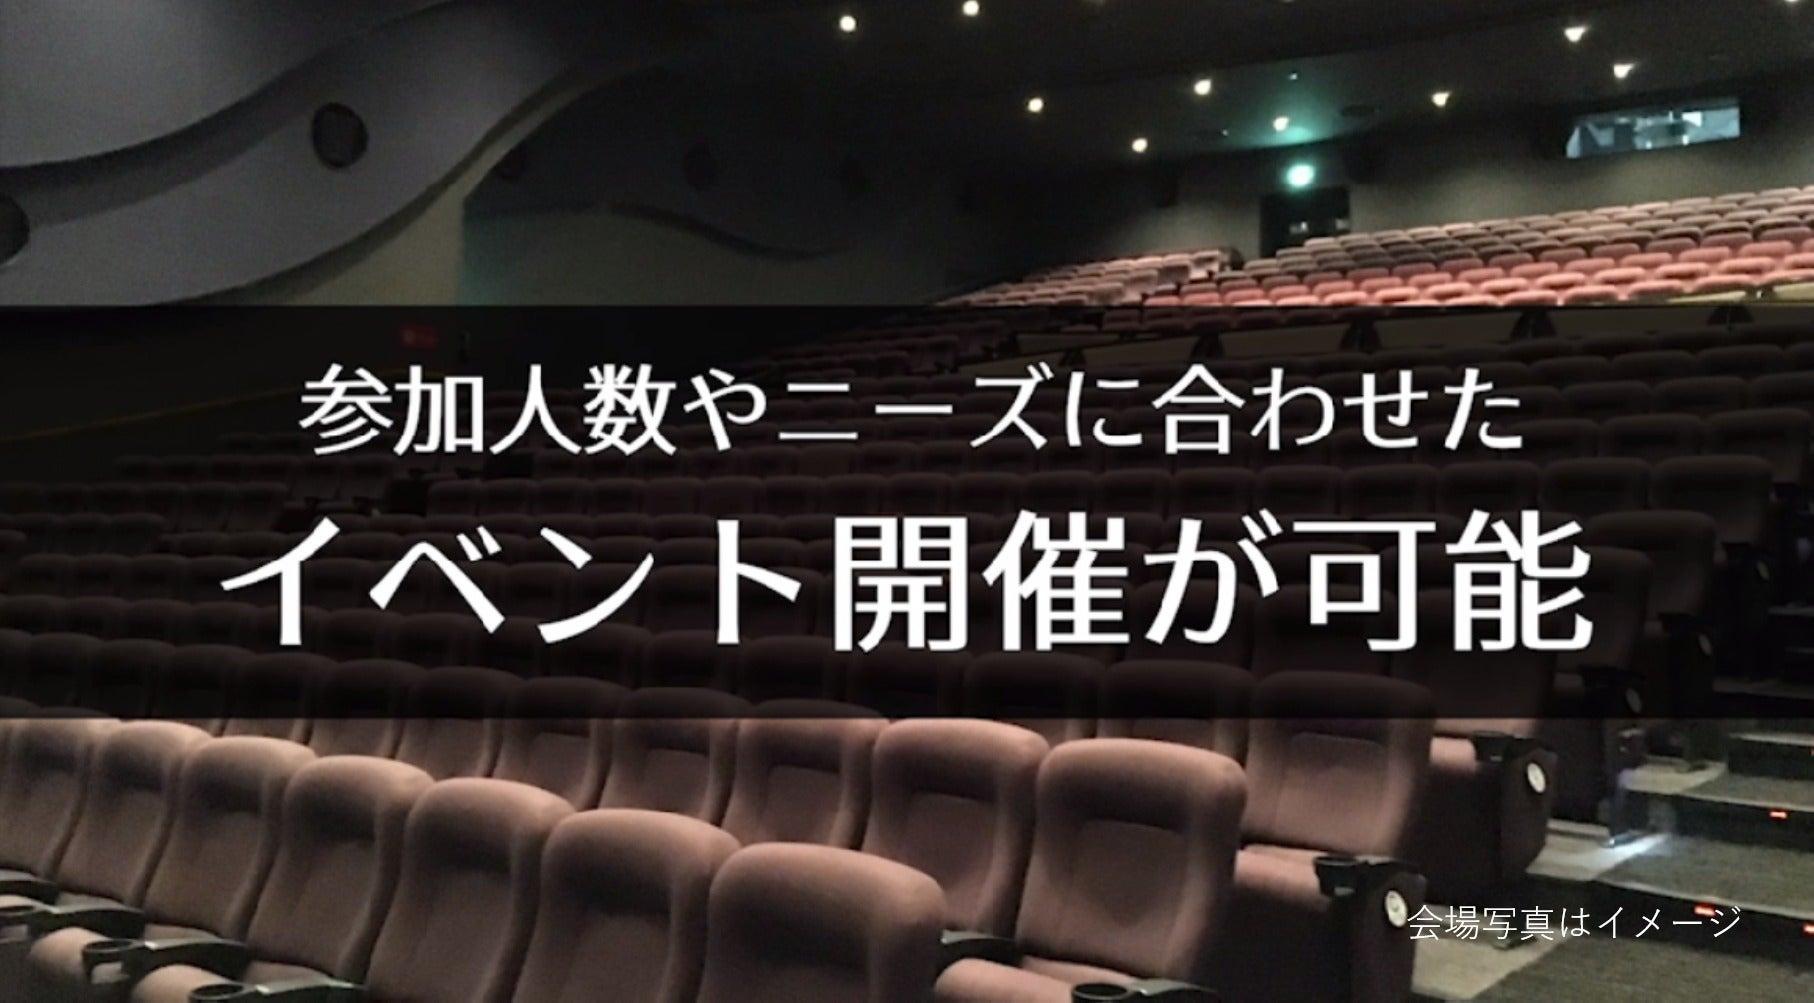 【金沢 324席】映画館で、会社説明会、株主総会、講演会の企画はいかがですか?(ユナイテッド・シネマ金沢) の写真0